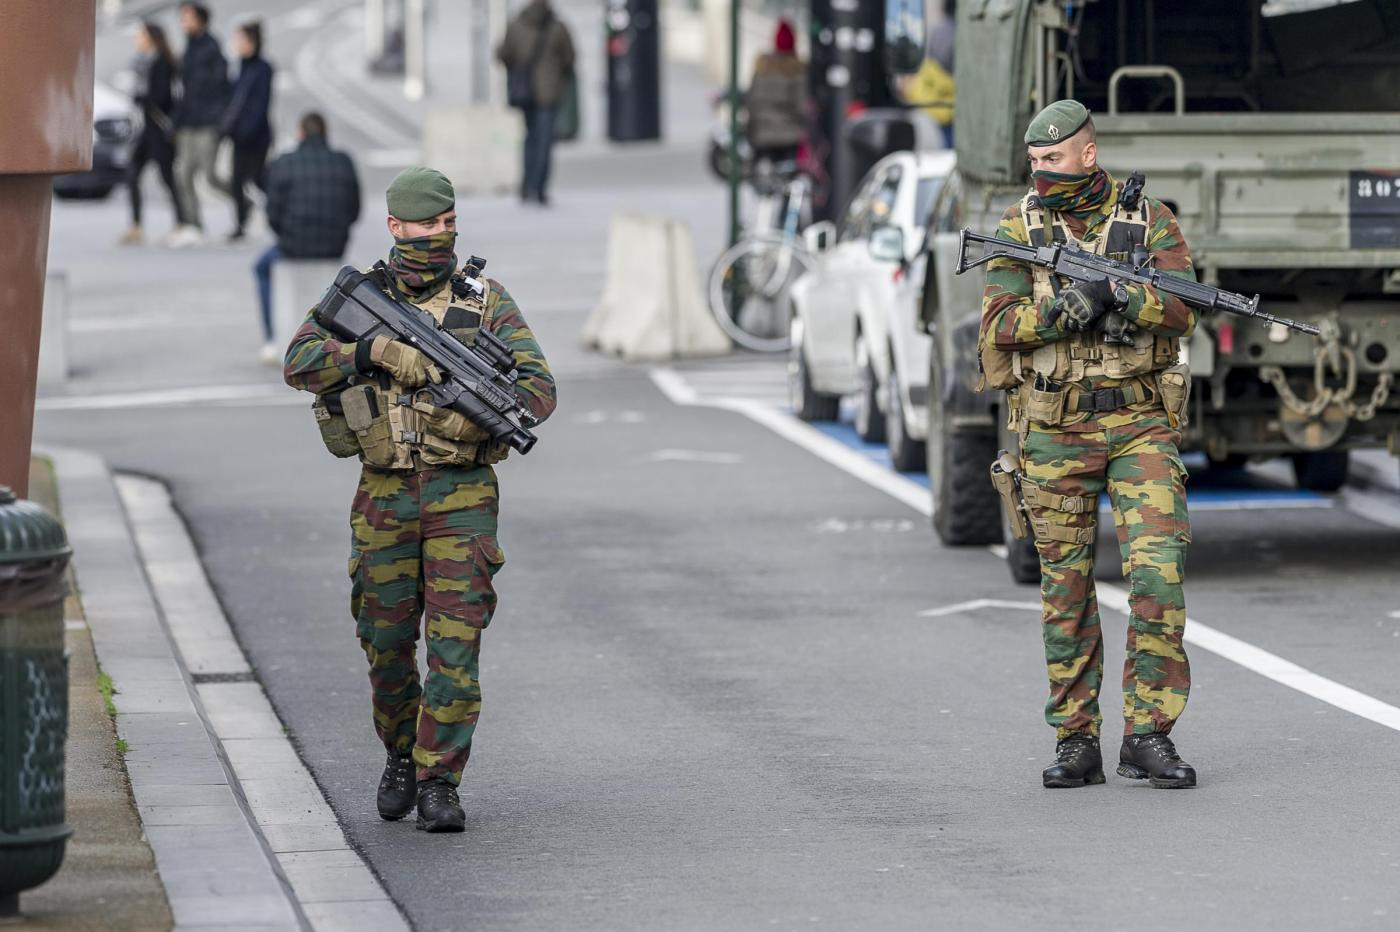 Bruxelles, massimo stato di allerta, livello 4